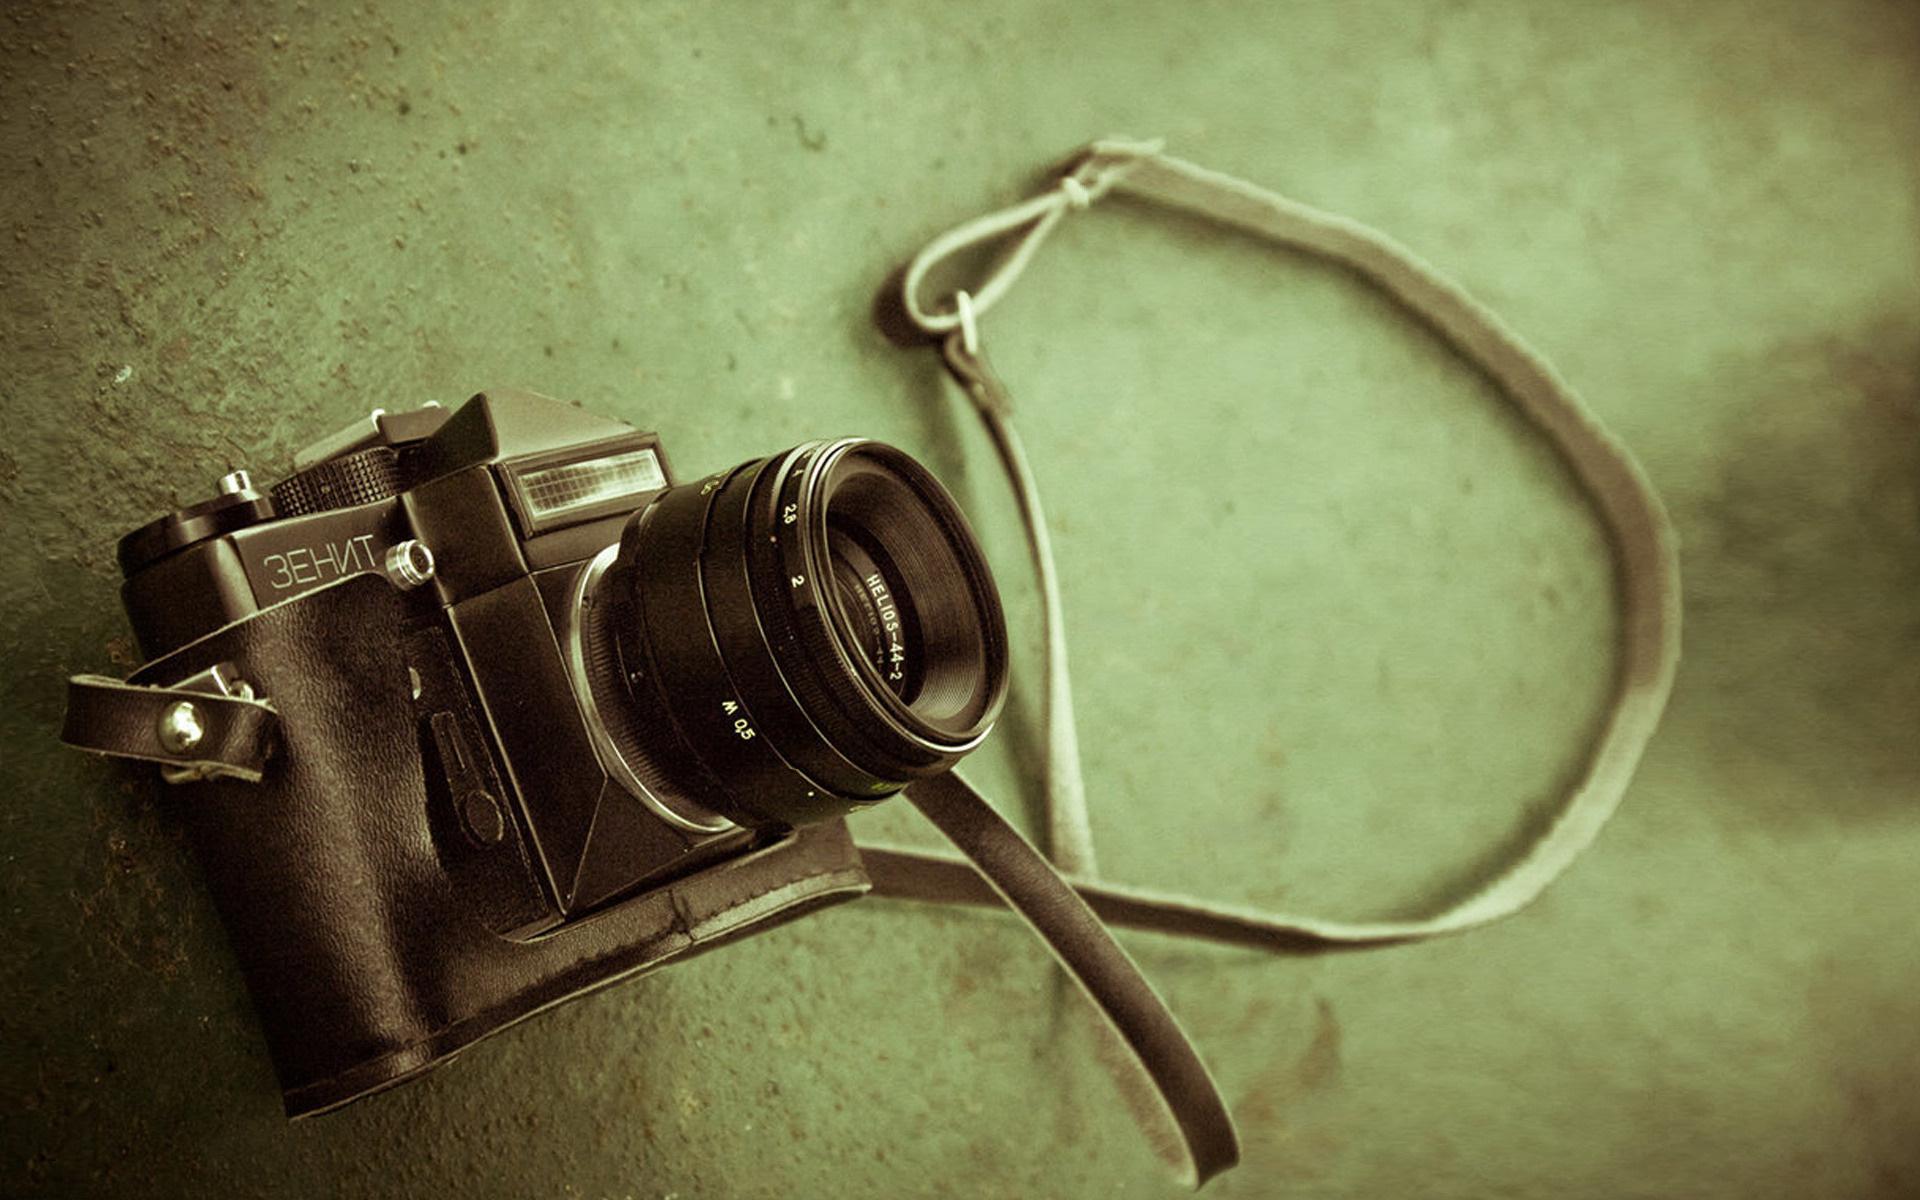 фотоаппарат, макро, зенит